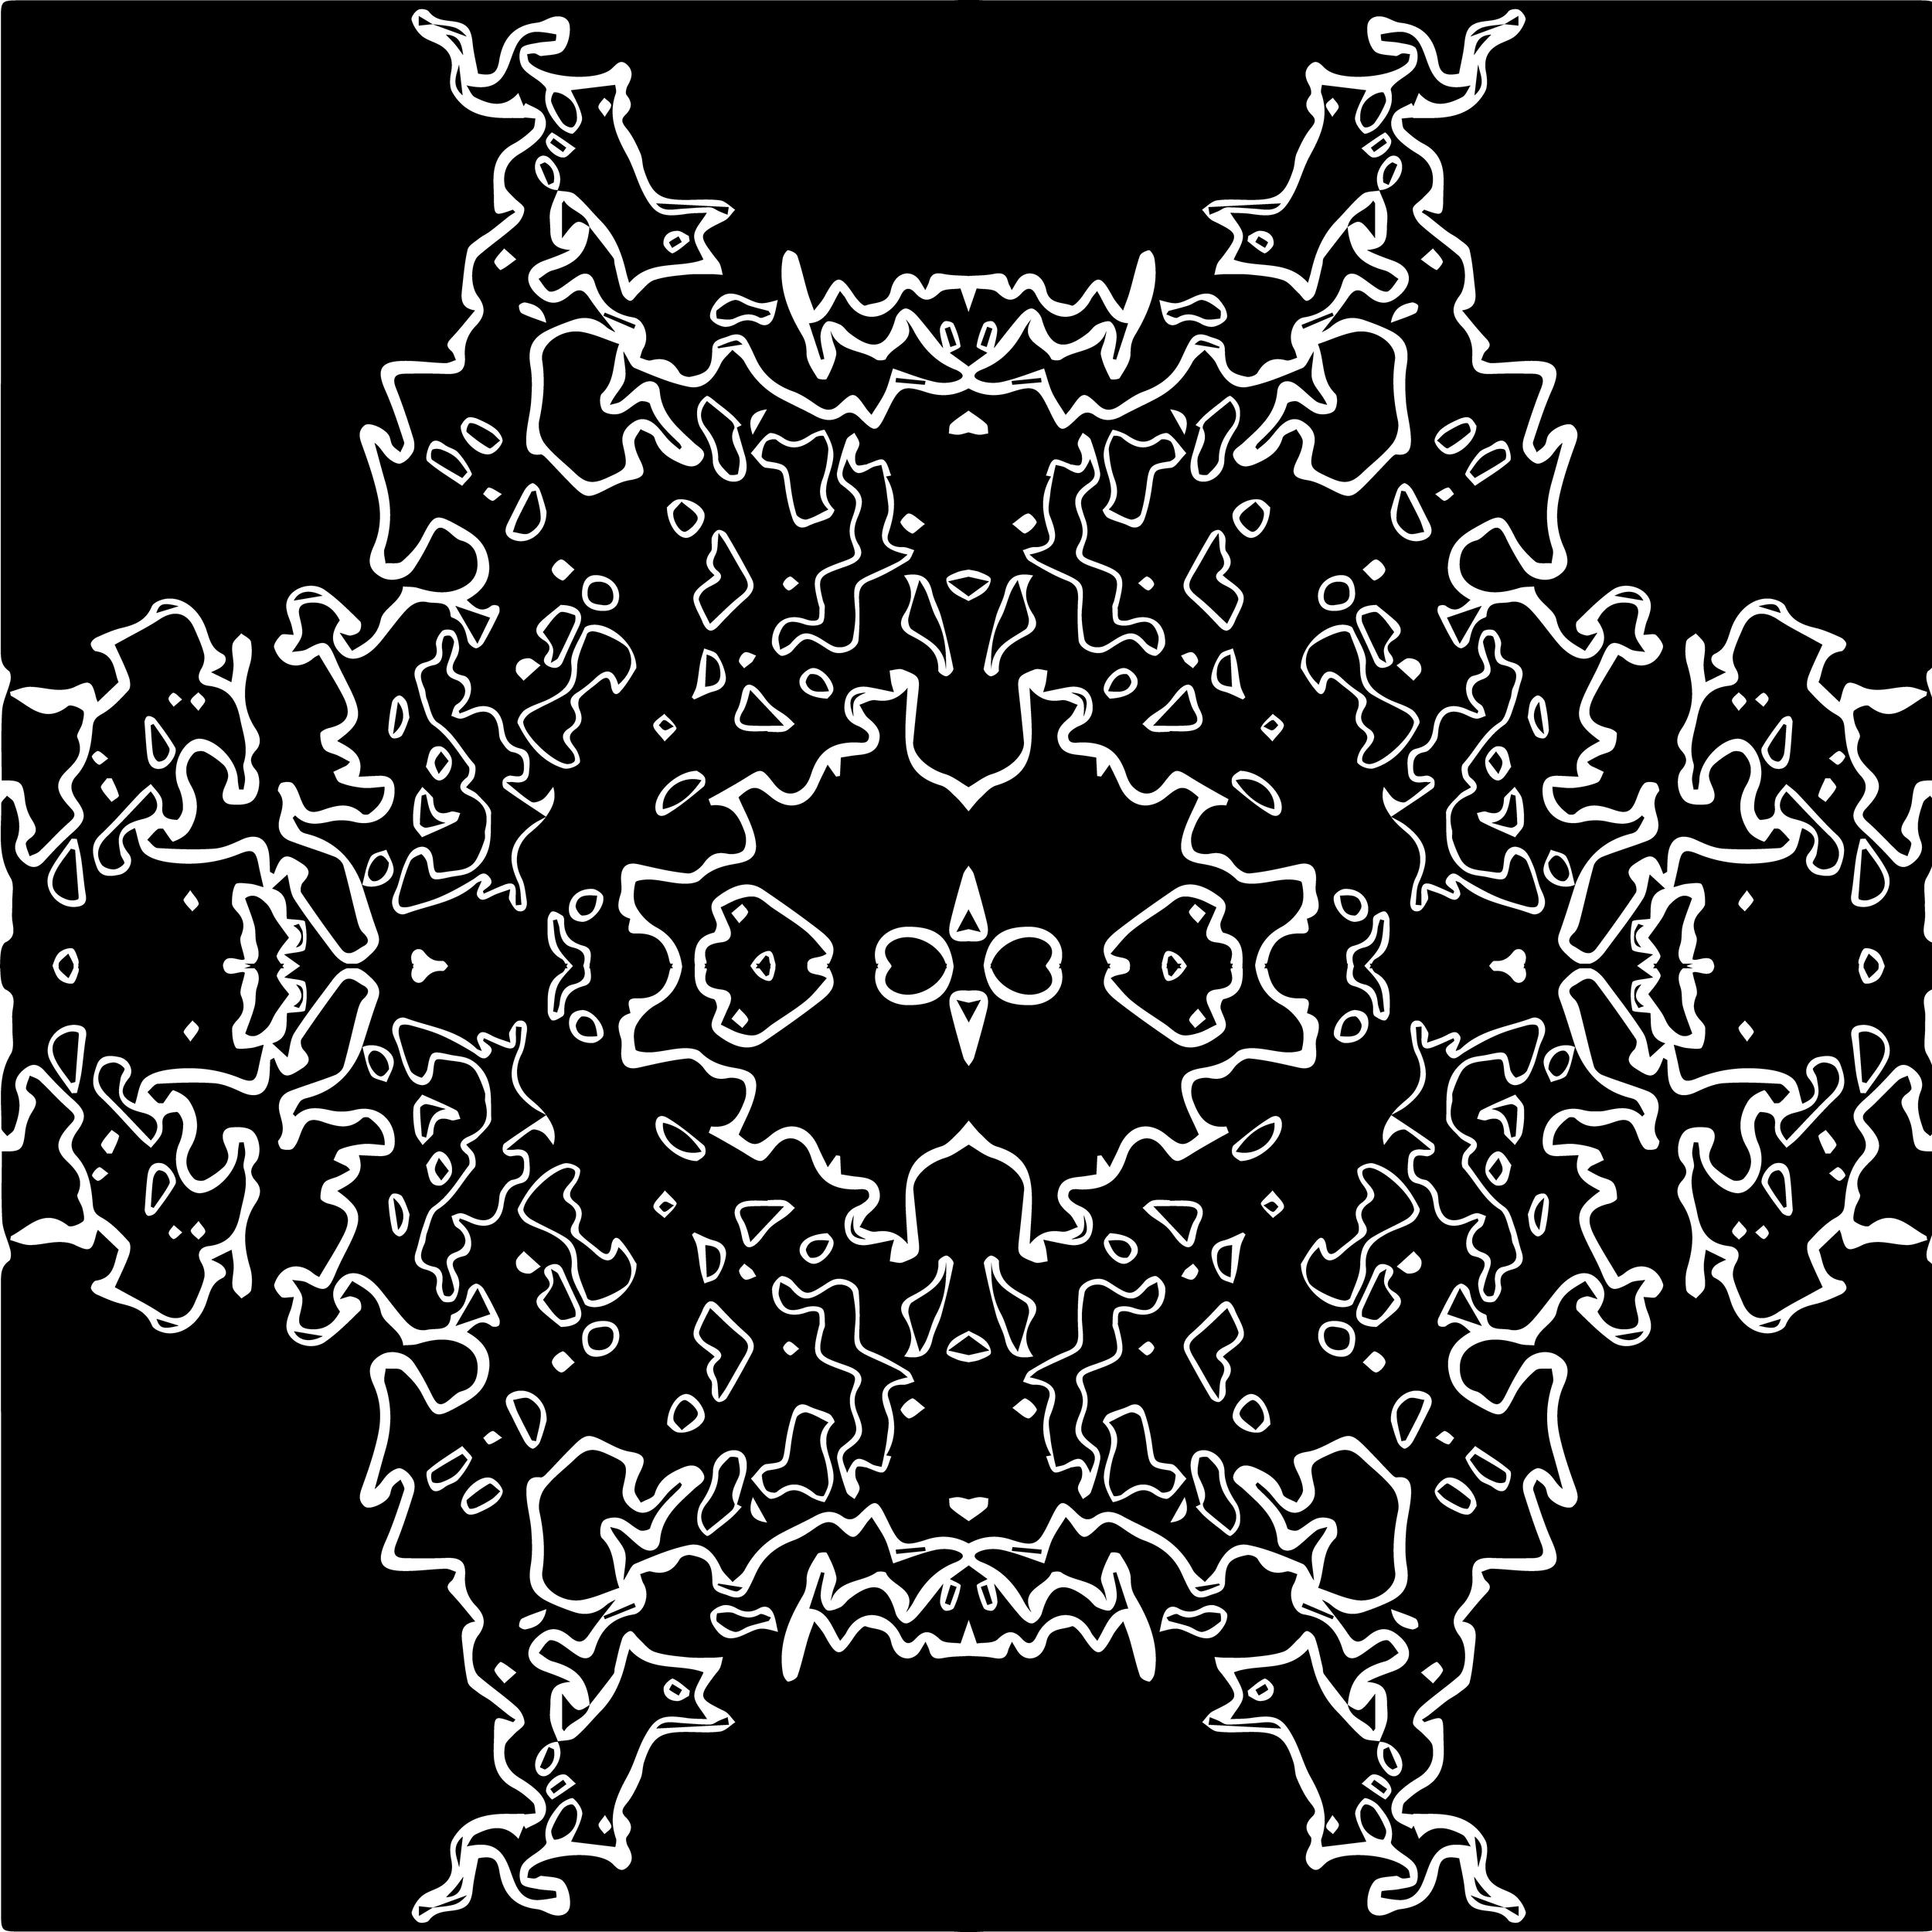 radial, 2017  digital illustration